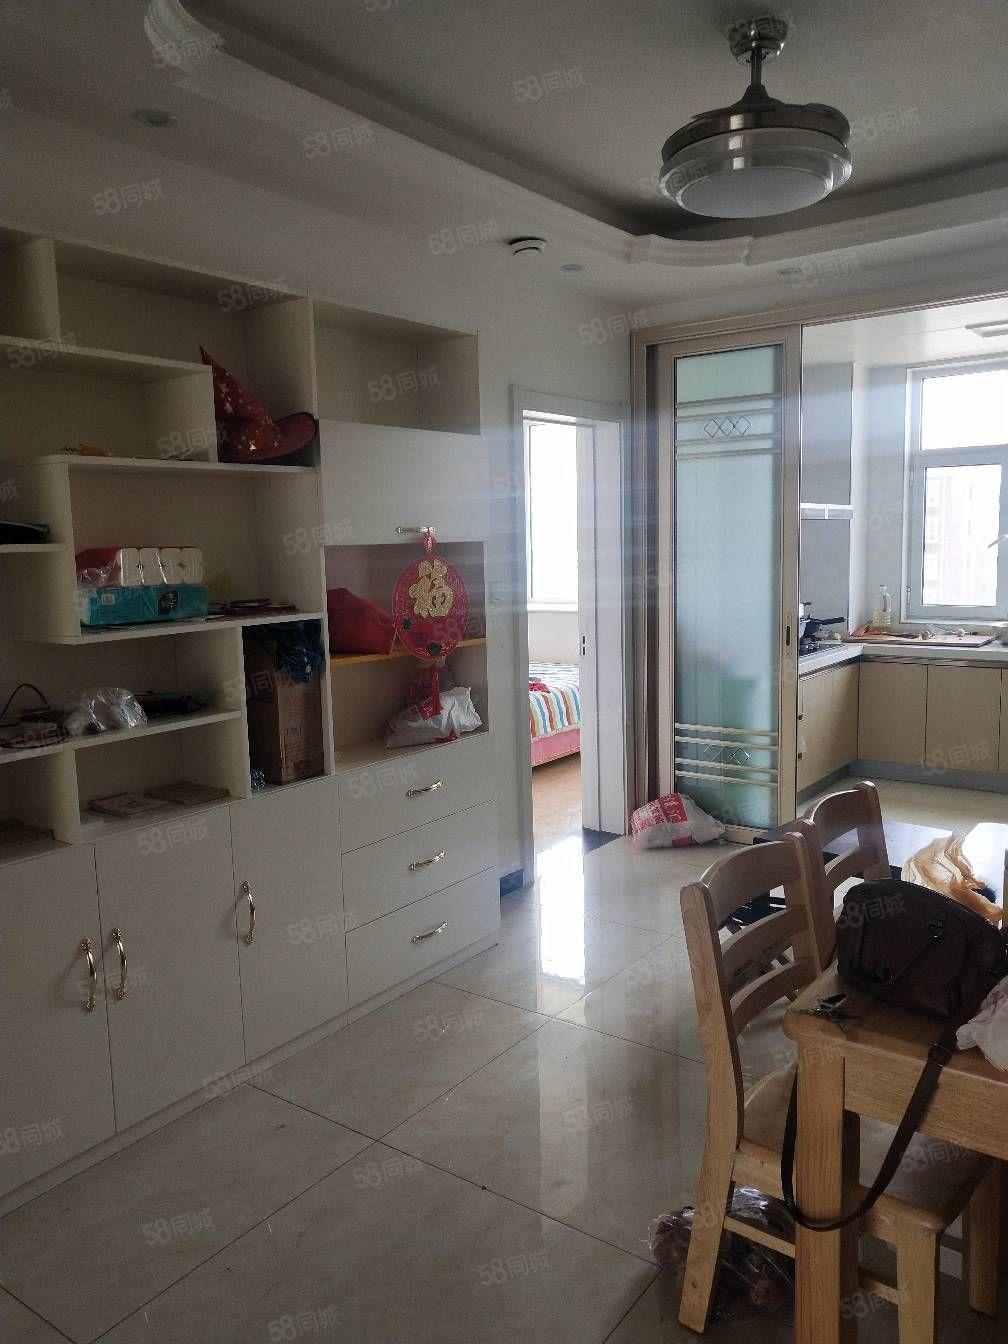 華爾精裝三室帶家具家電拎包入住帶小房